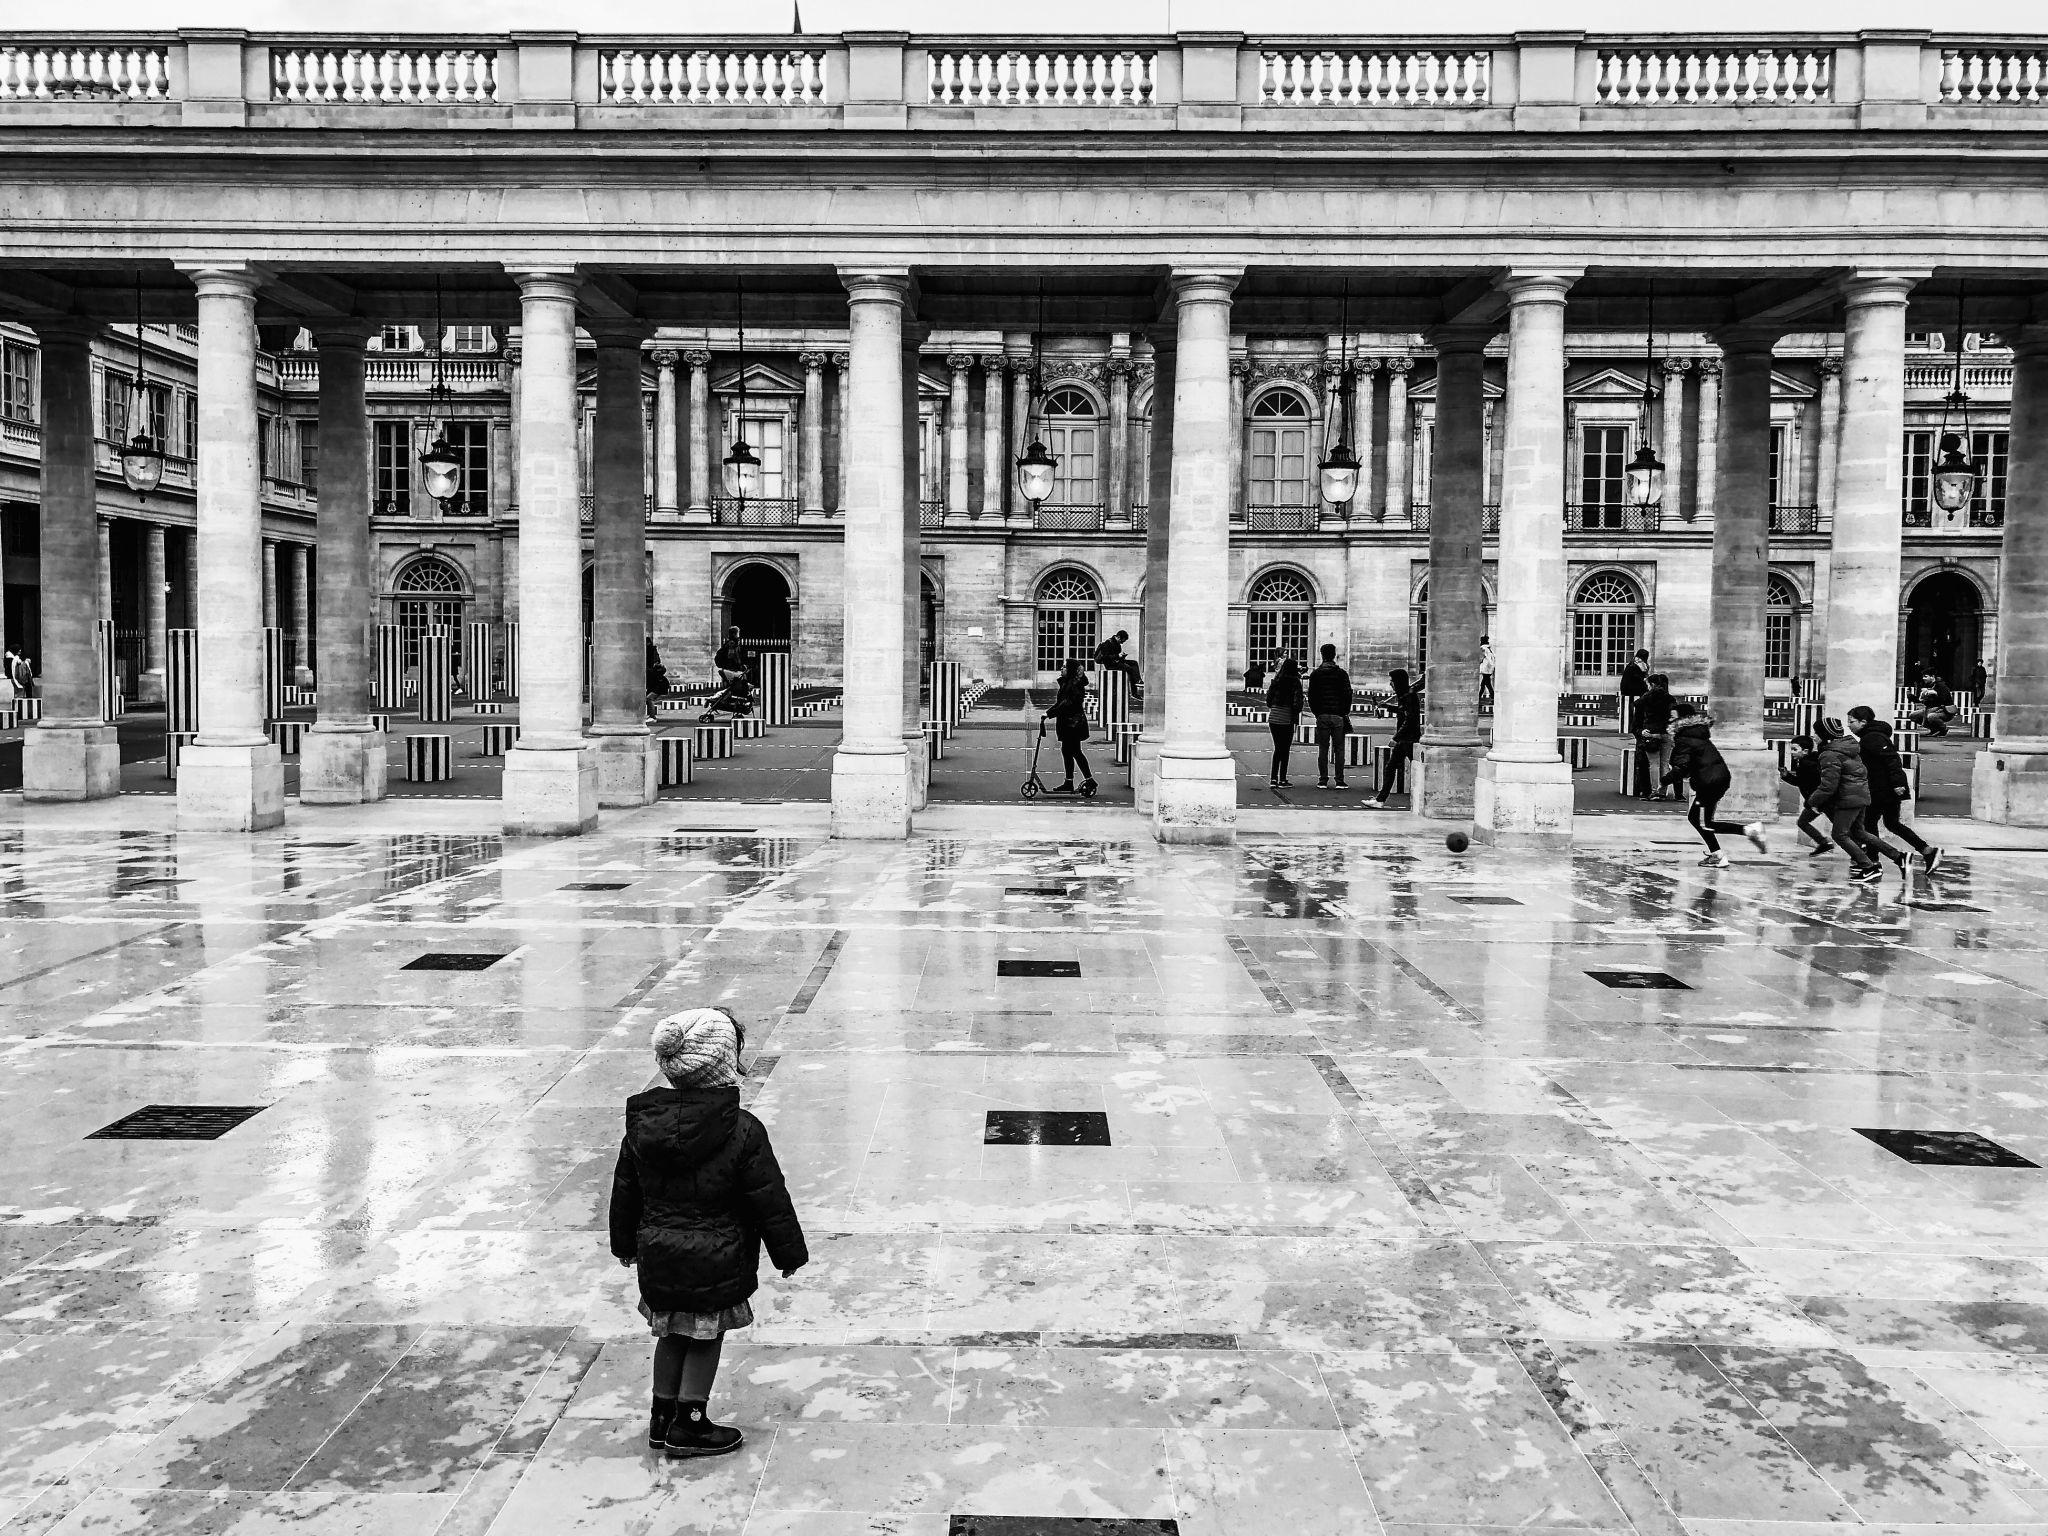 Palais Royal, France